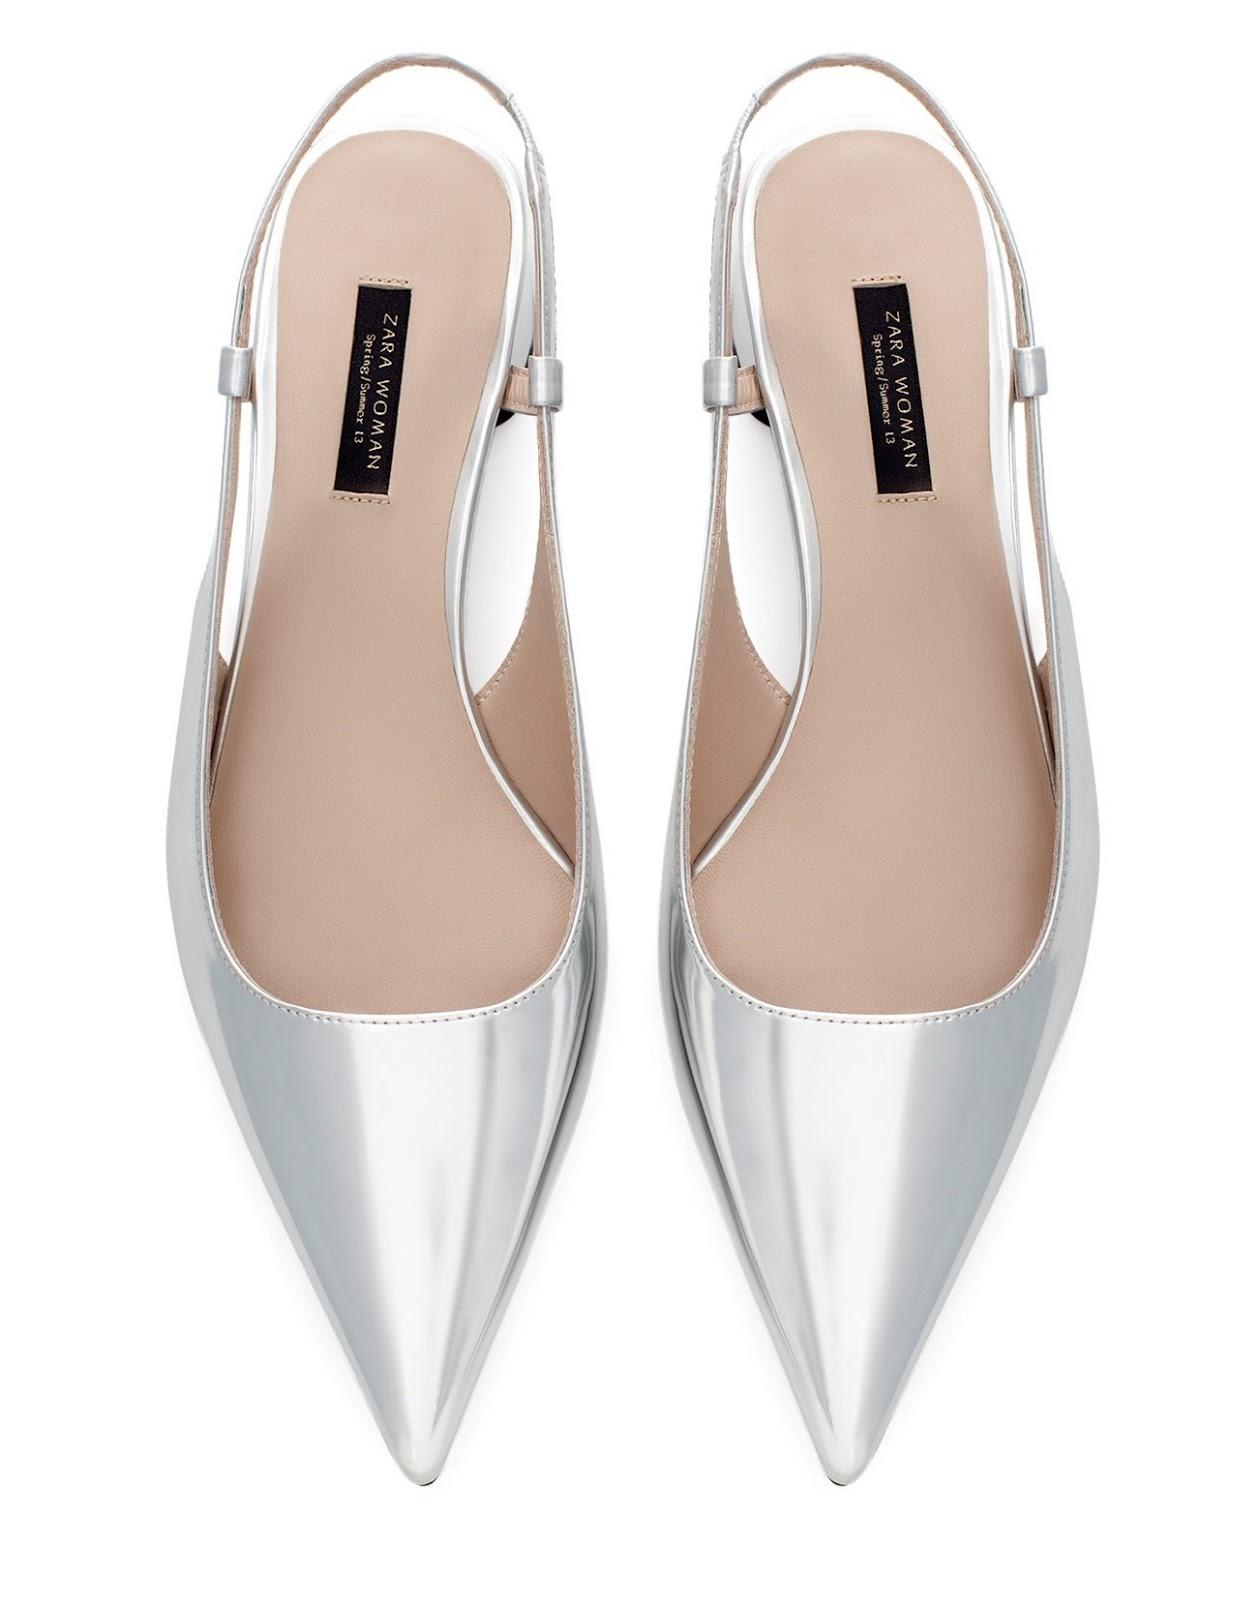 4c242c03250 Block Heel Silver Shoes - Is Heel